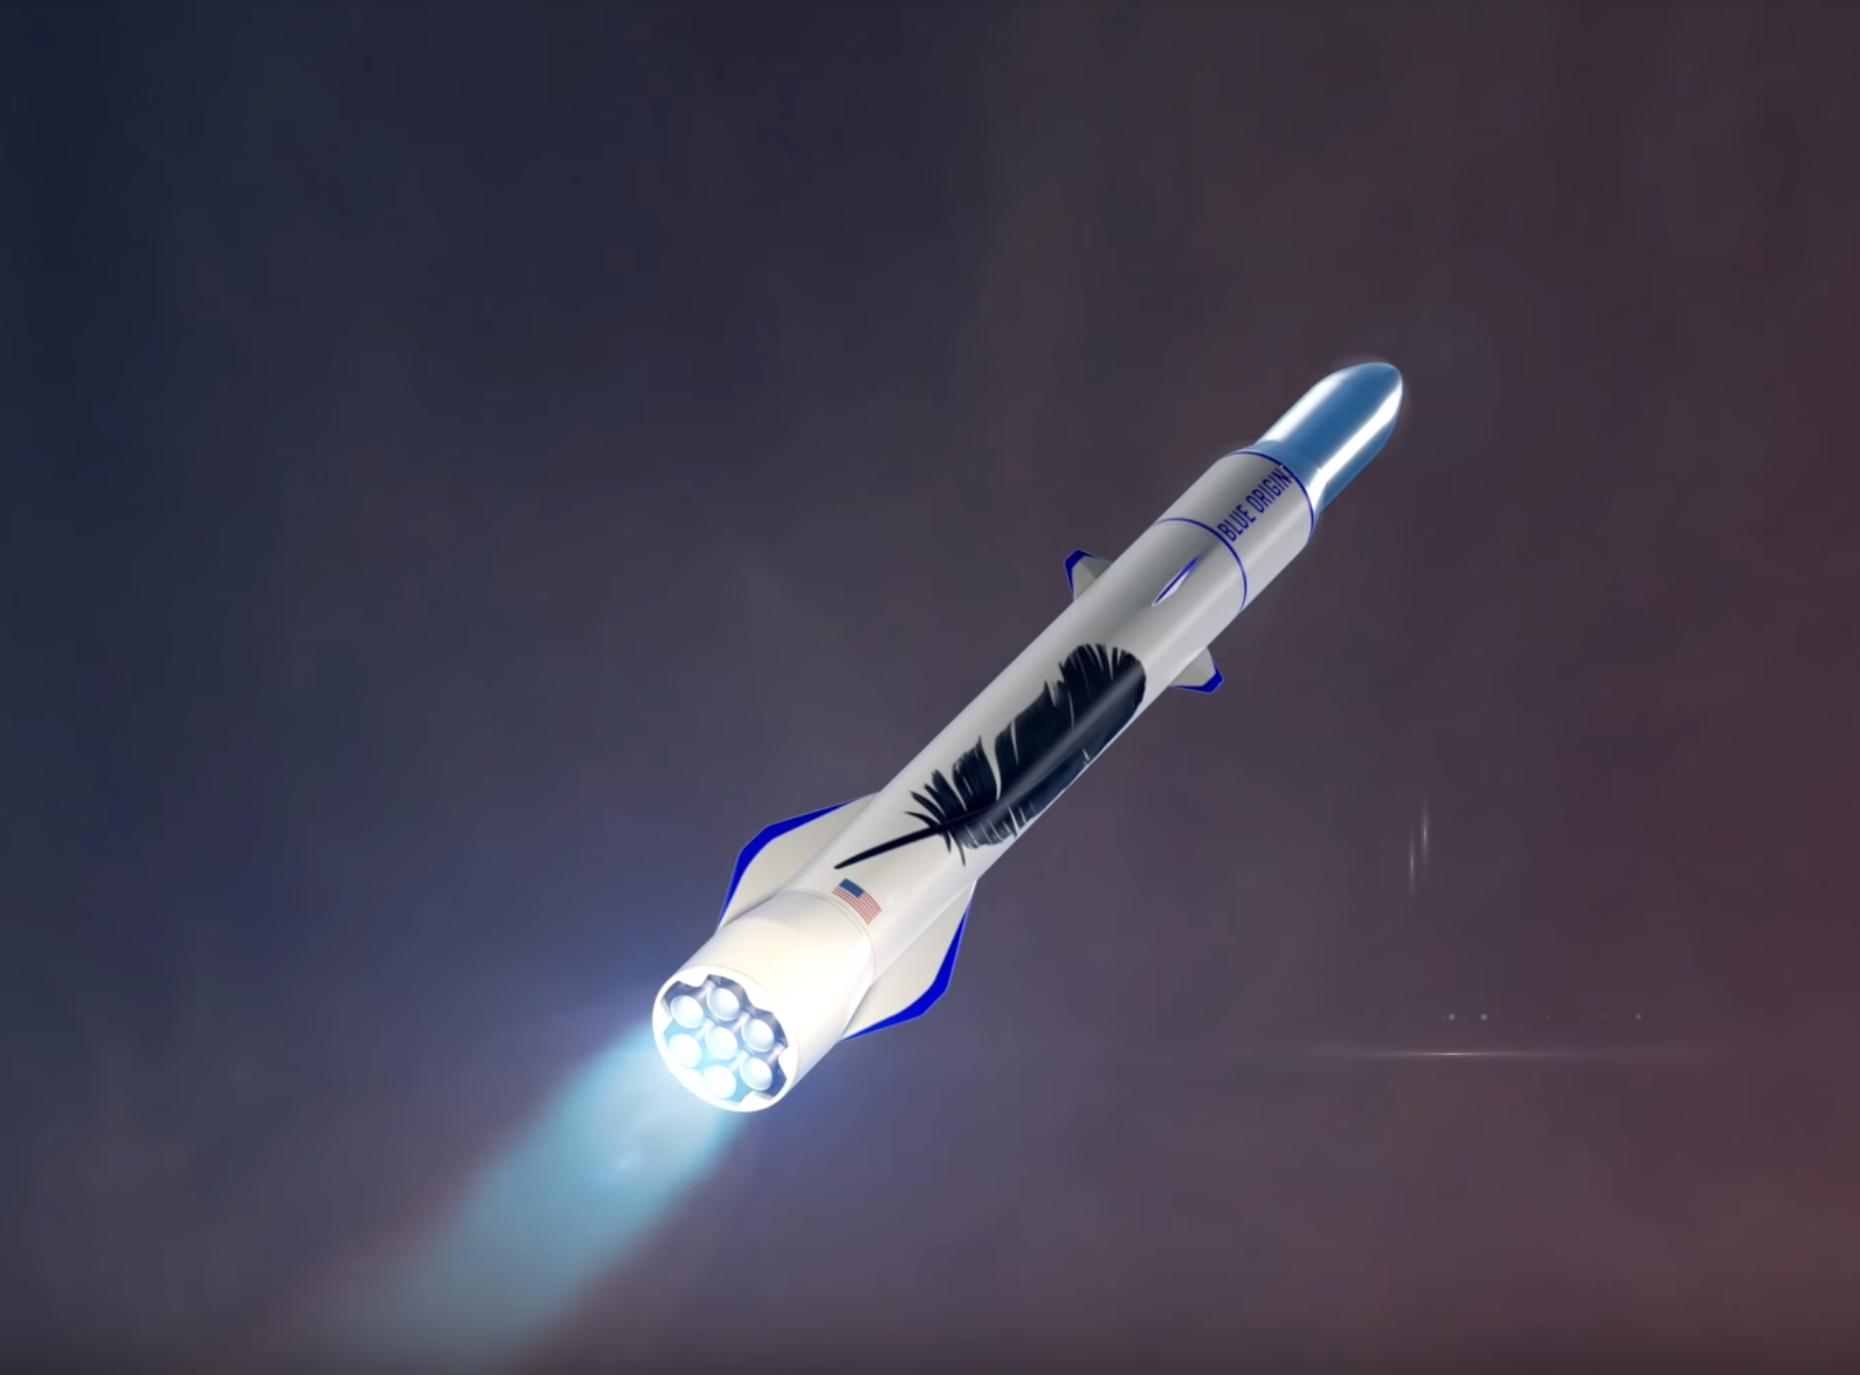 New Glenn launch (Blue Origin)